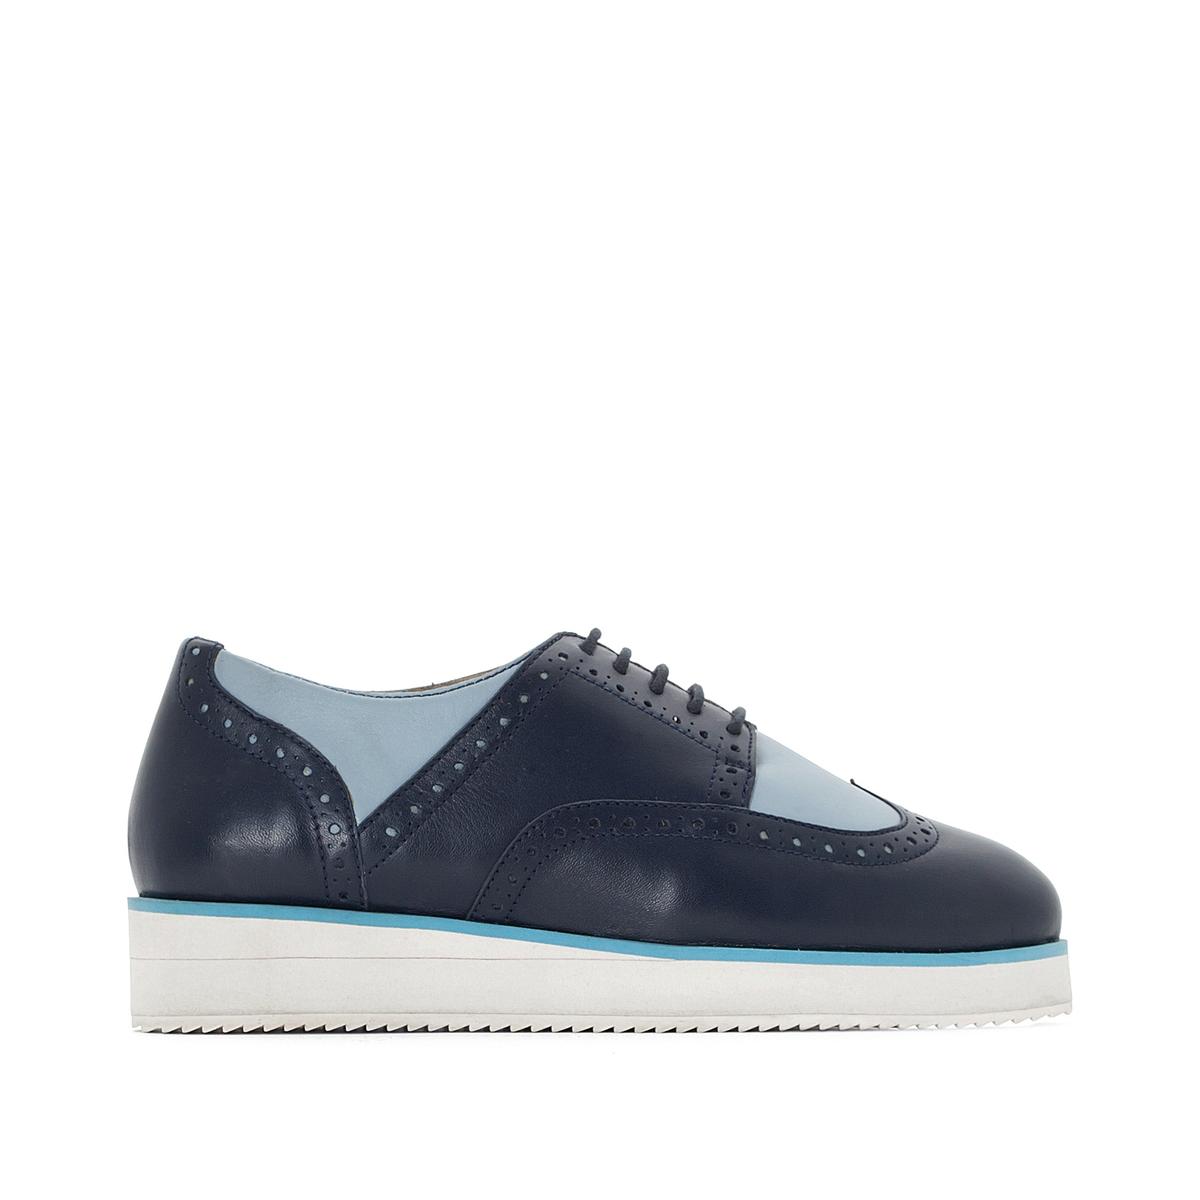 Ботинки-дерби двухцветные, подходя для широкой стопы, размеры 38-45